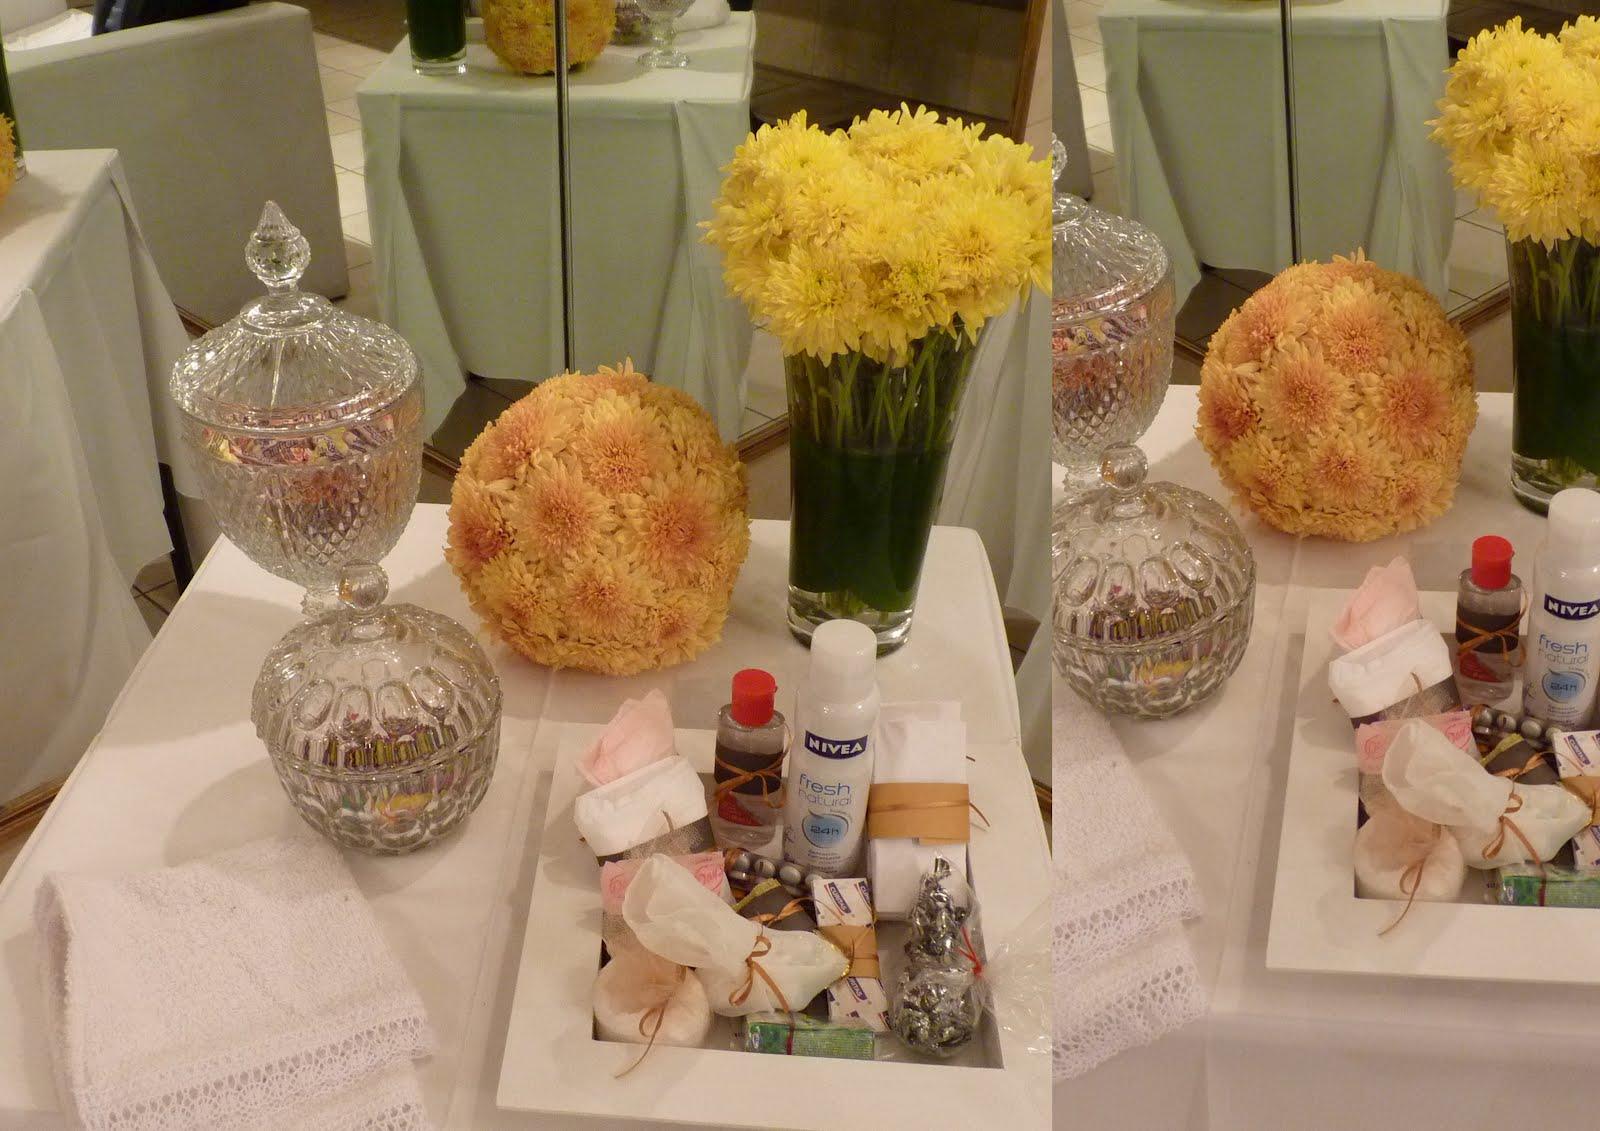 La boda de maike ger nimo el blog de el marques - Amenities en el bano ...